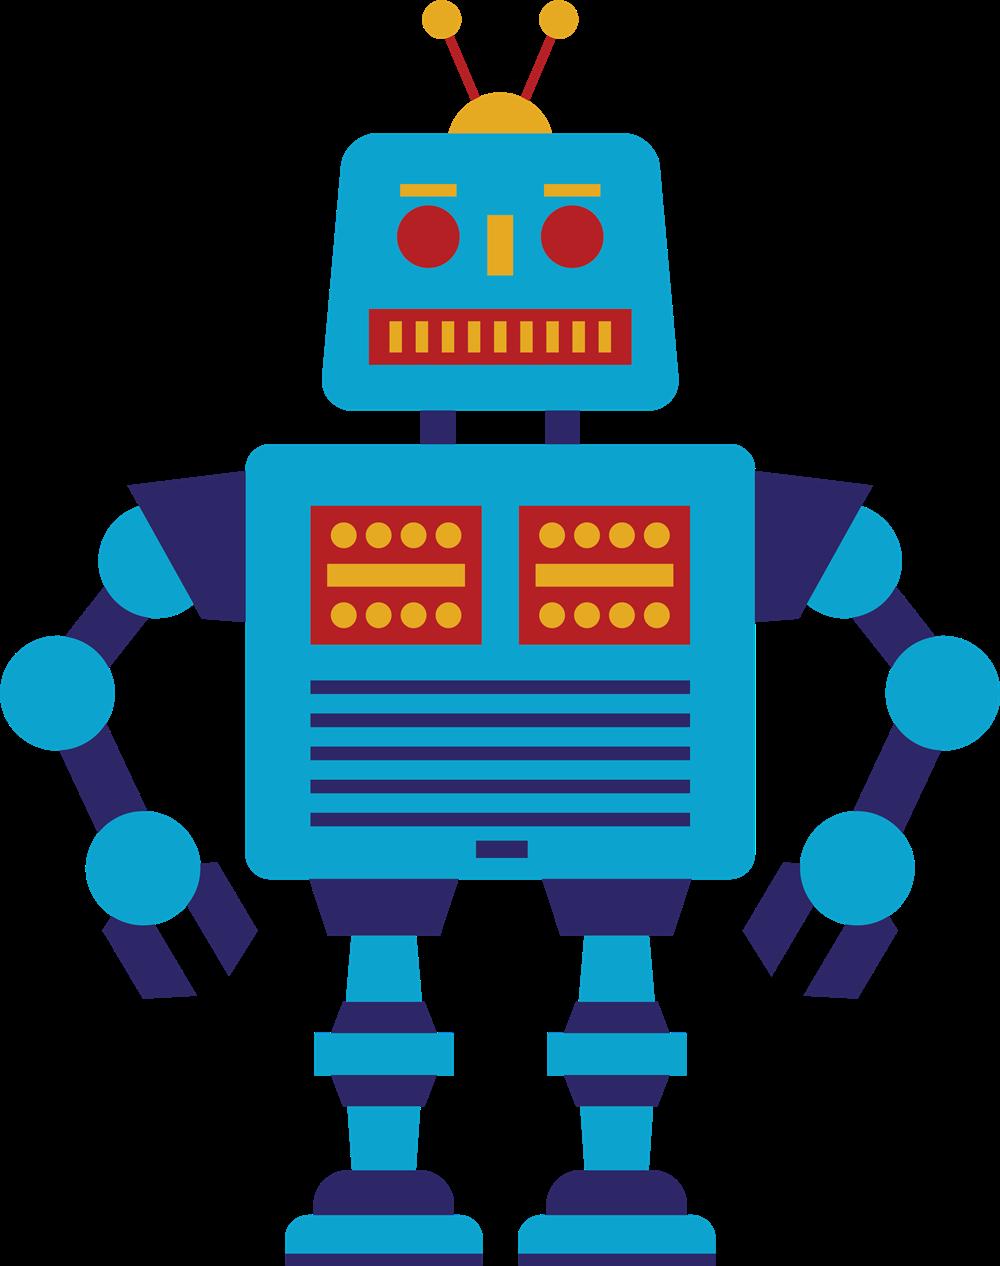 robot clip art free clipart images rh bluegrasslawn com clipart robotics clipart robot pictures